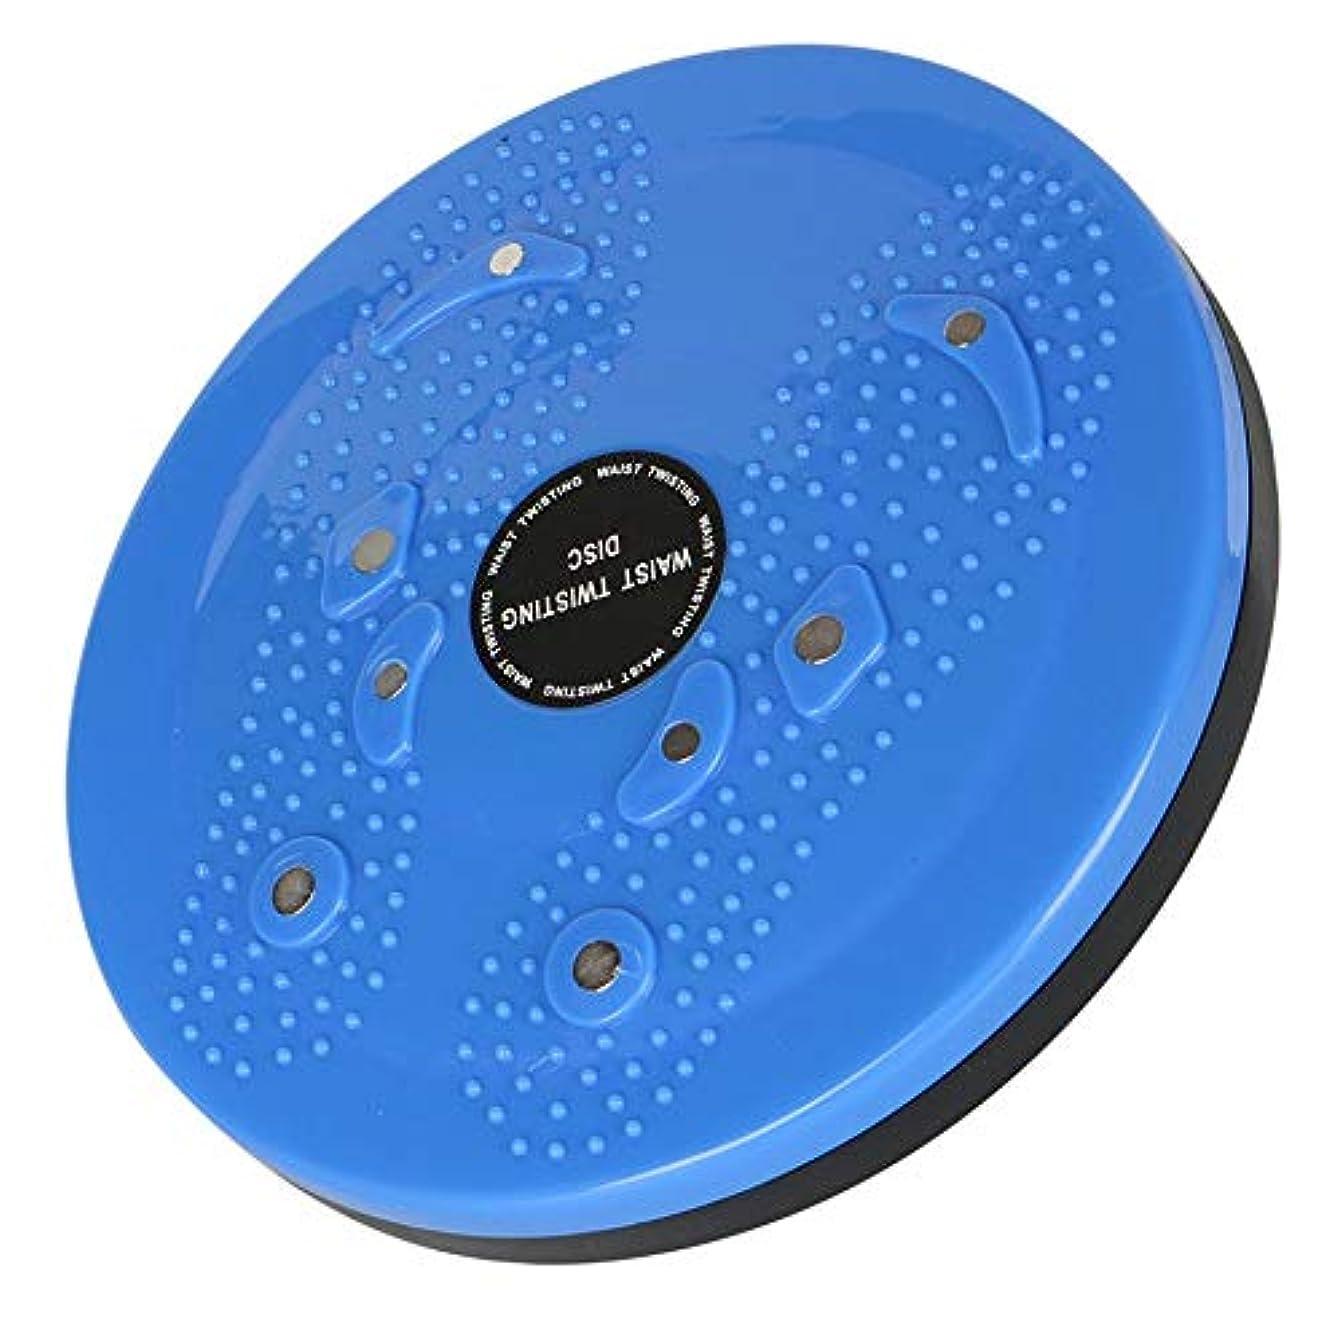 ボーナス本能慢磁気ツイスト細いウエストマッサージ足ねじれディスクフィギュアトリマー多機能マグネットバランス回転ボード